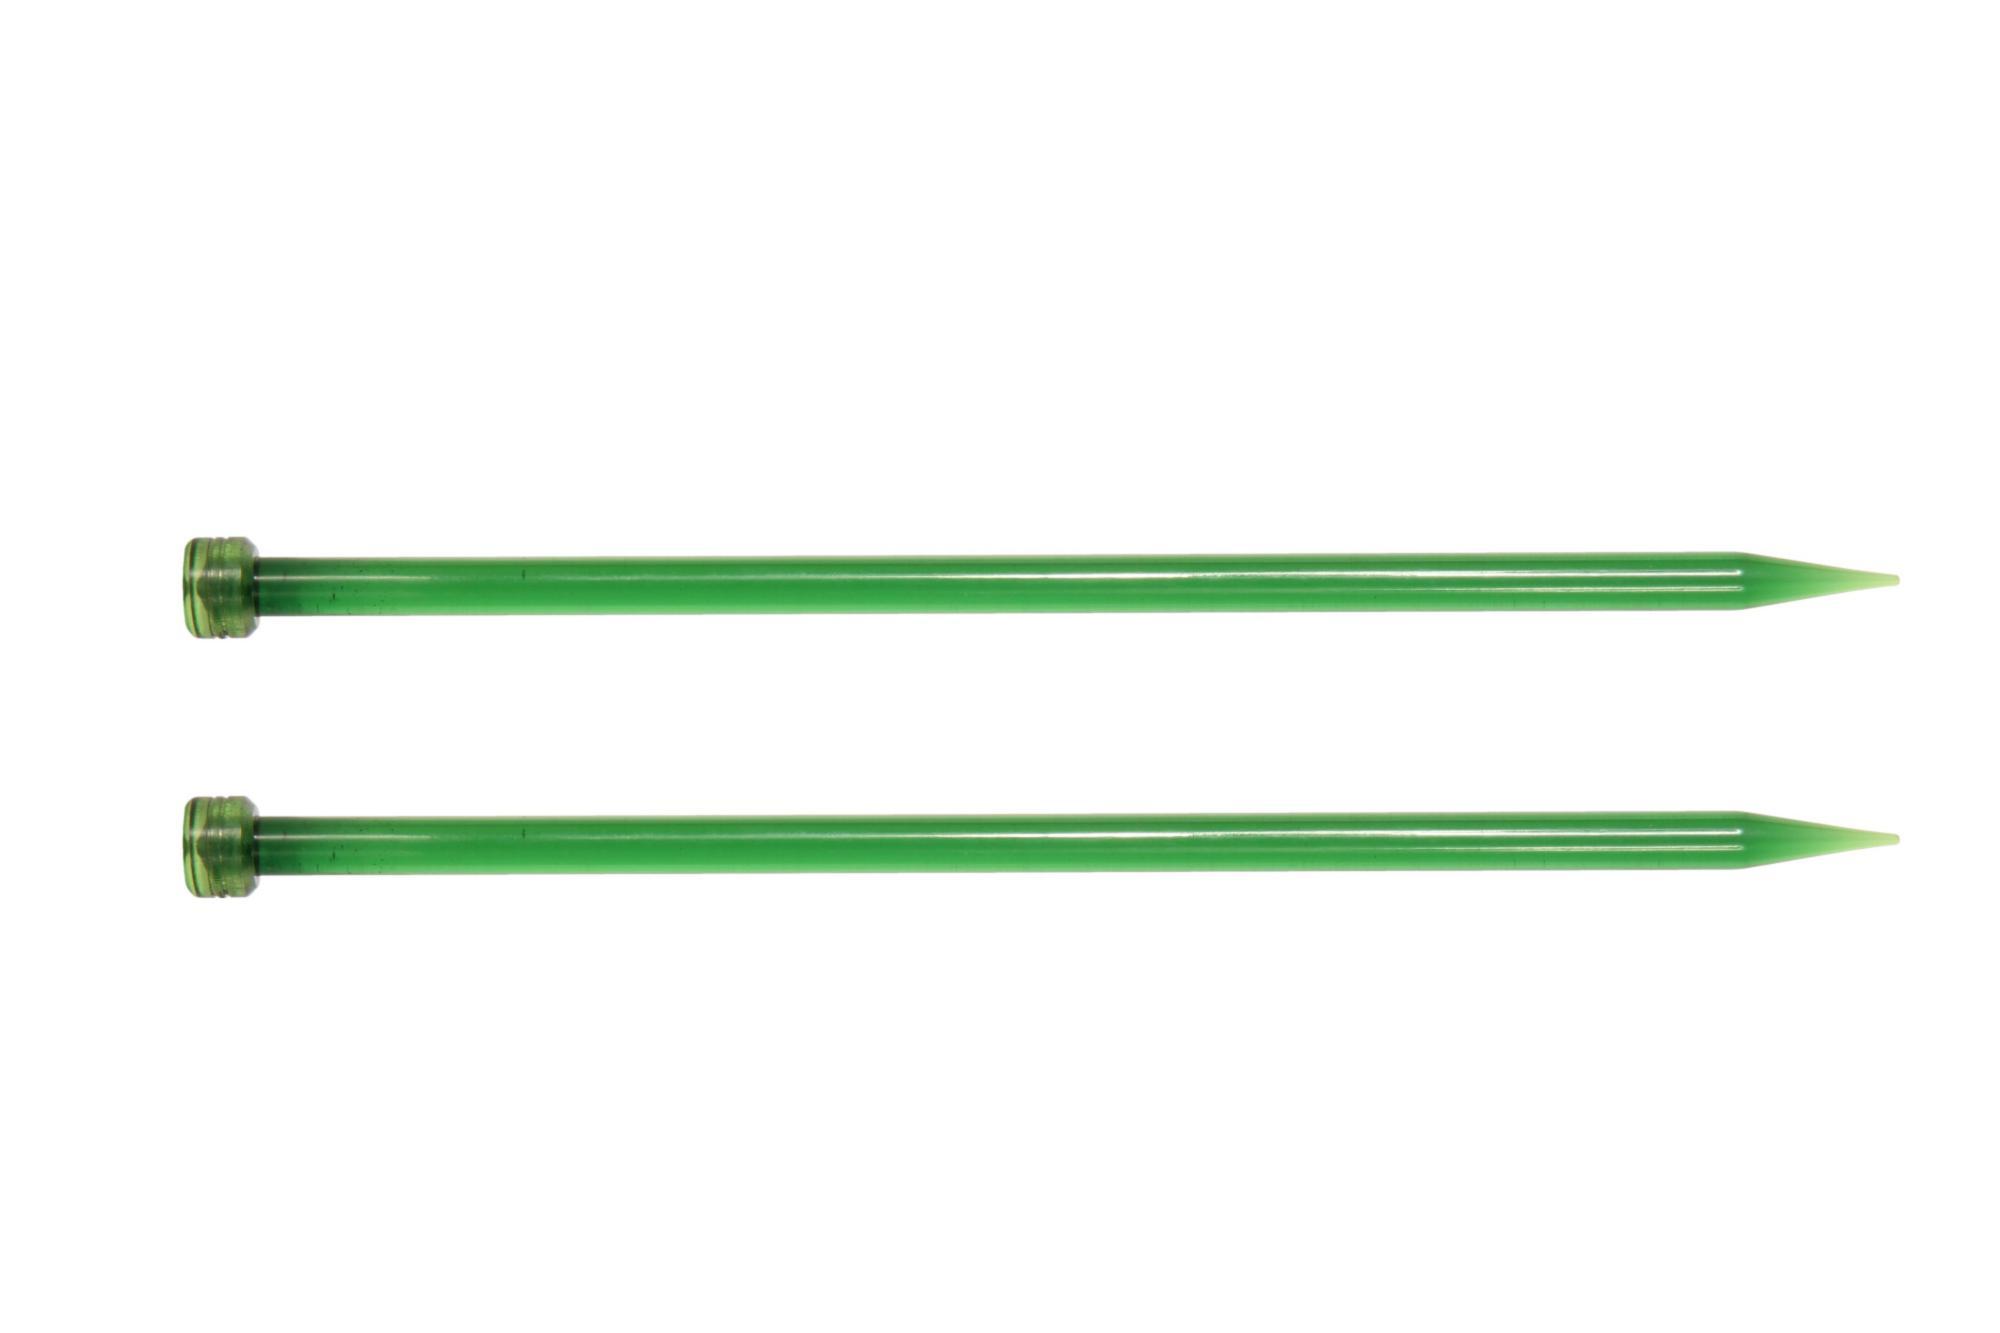 Спицы прямые 30 см Trendz KnitPro, 51192, 4.50 мм